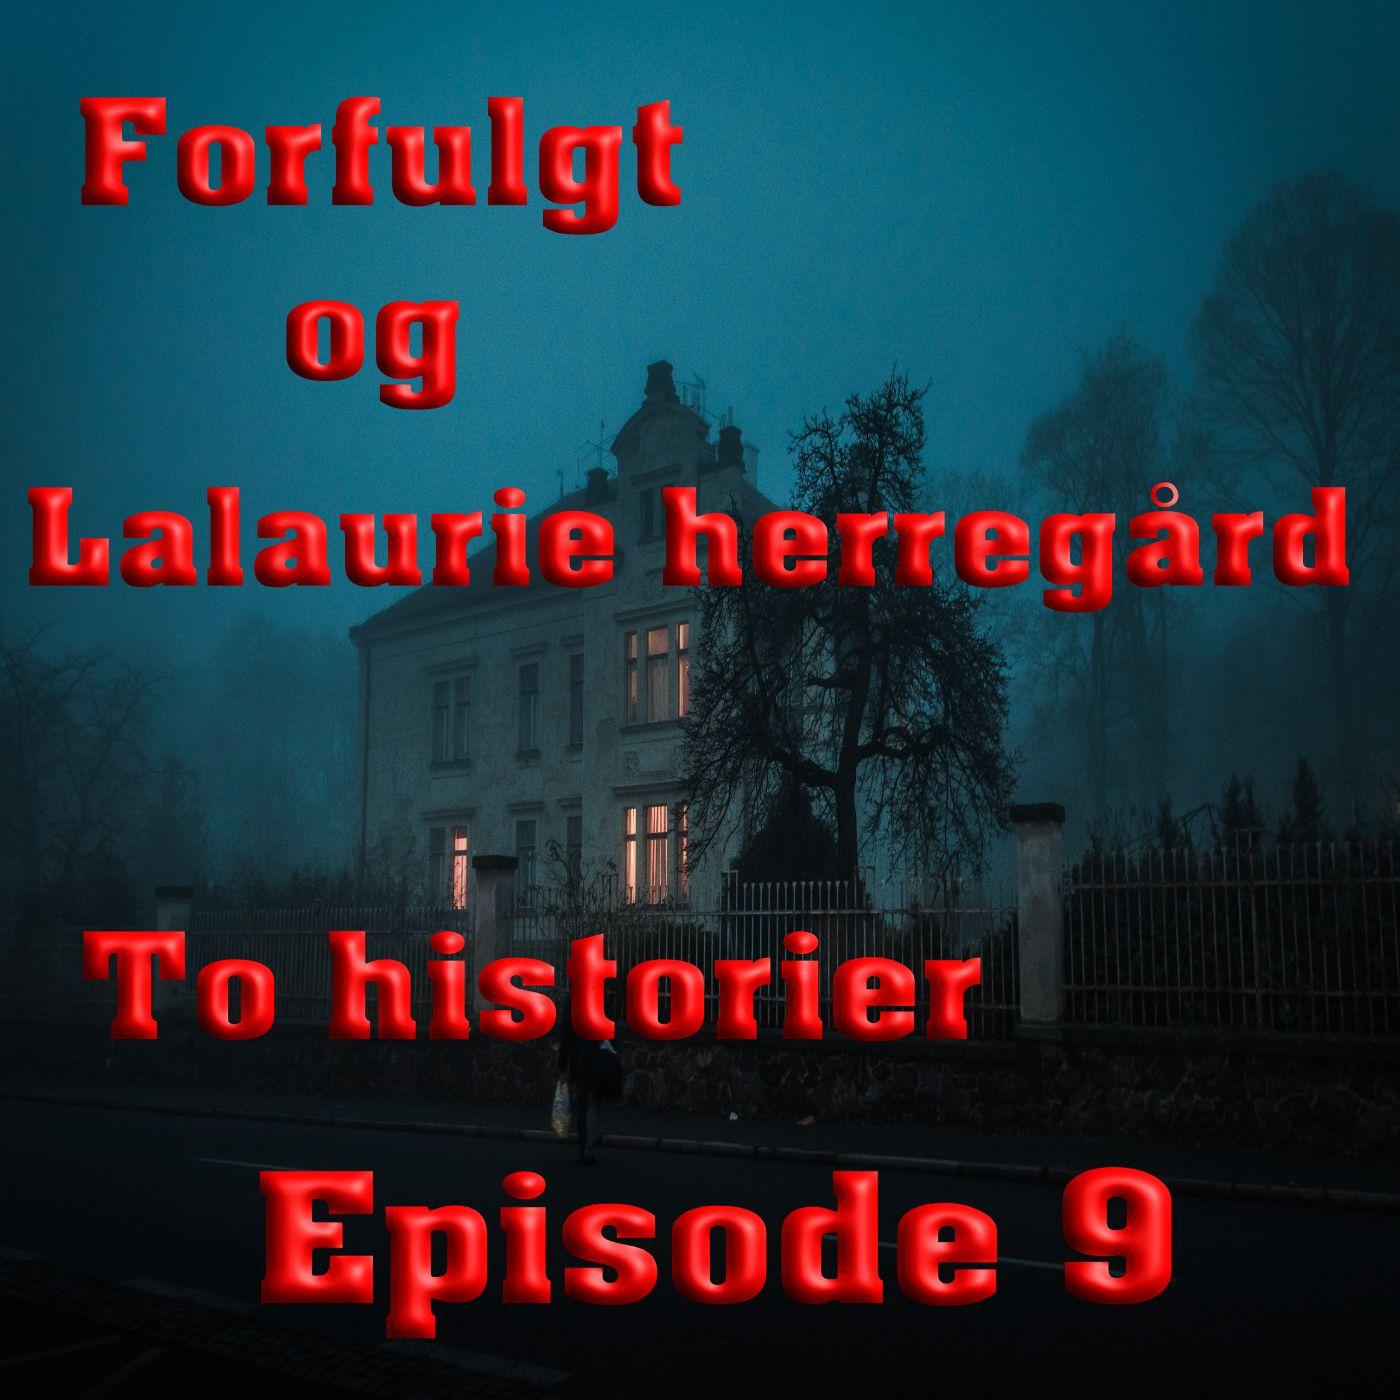 Fra den andre siden Episode 9. Forfulgt og Lalaurie herregården.